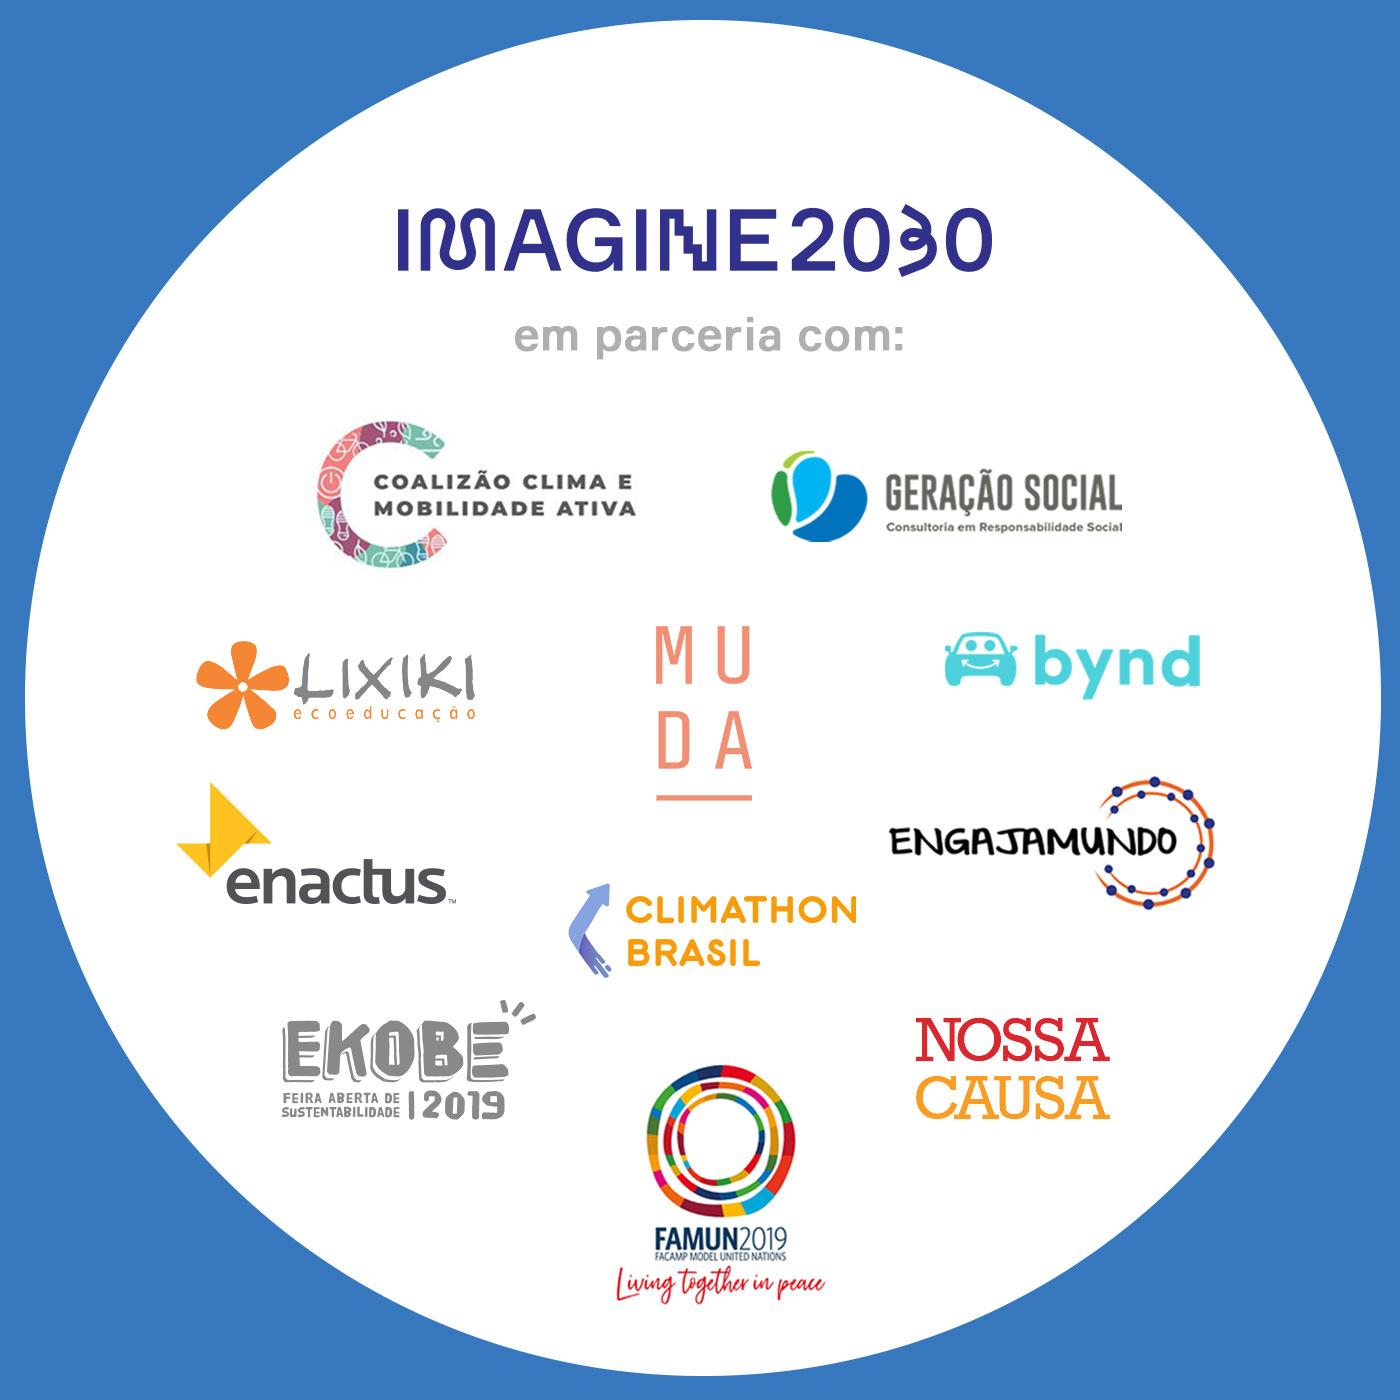 Mobilização pelo Clima, Imagine 2030, parceiros, LIXIKI